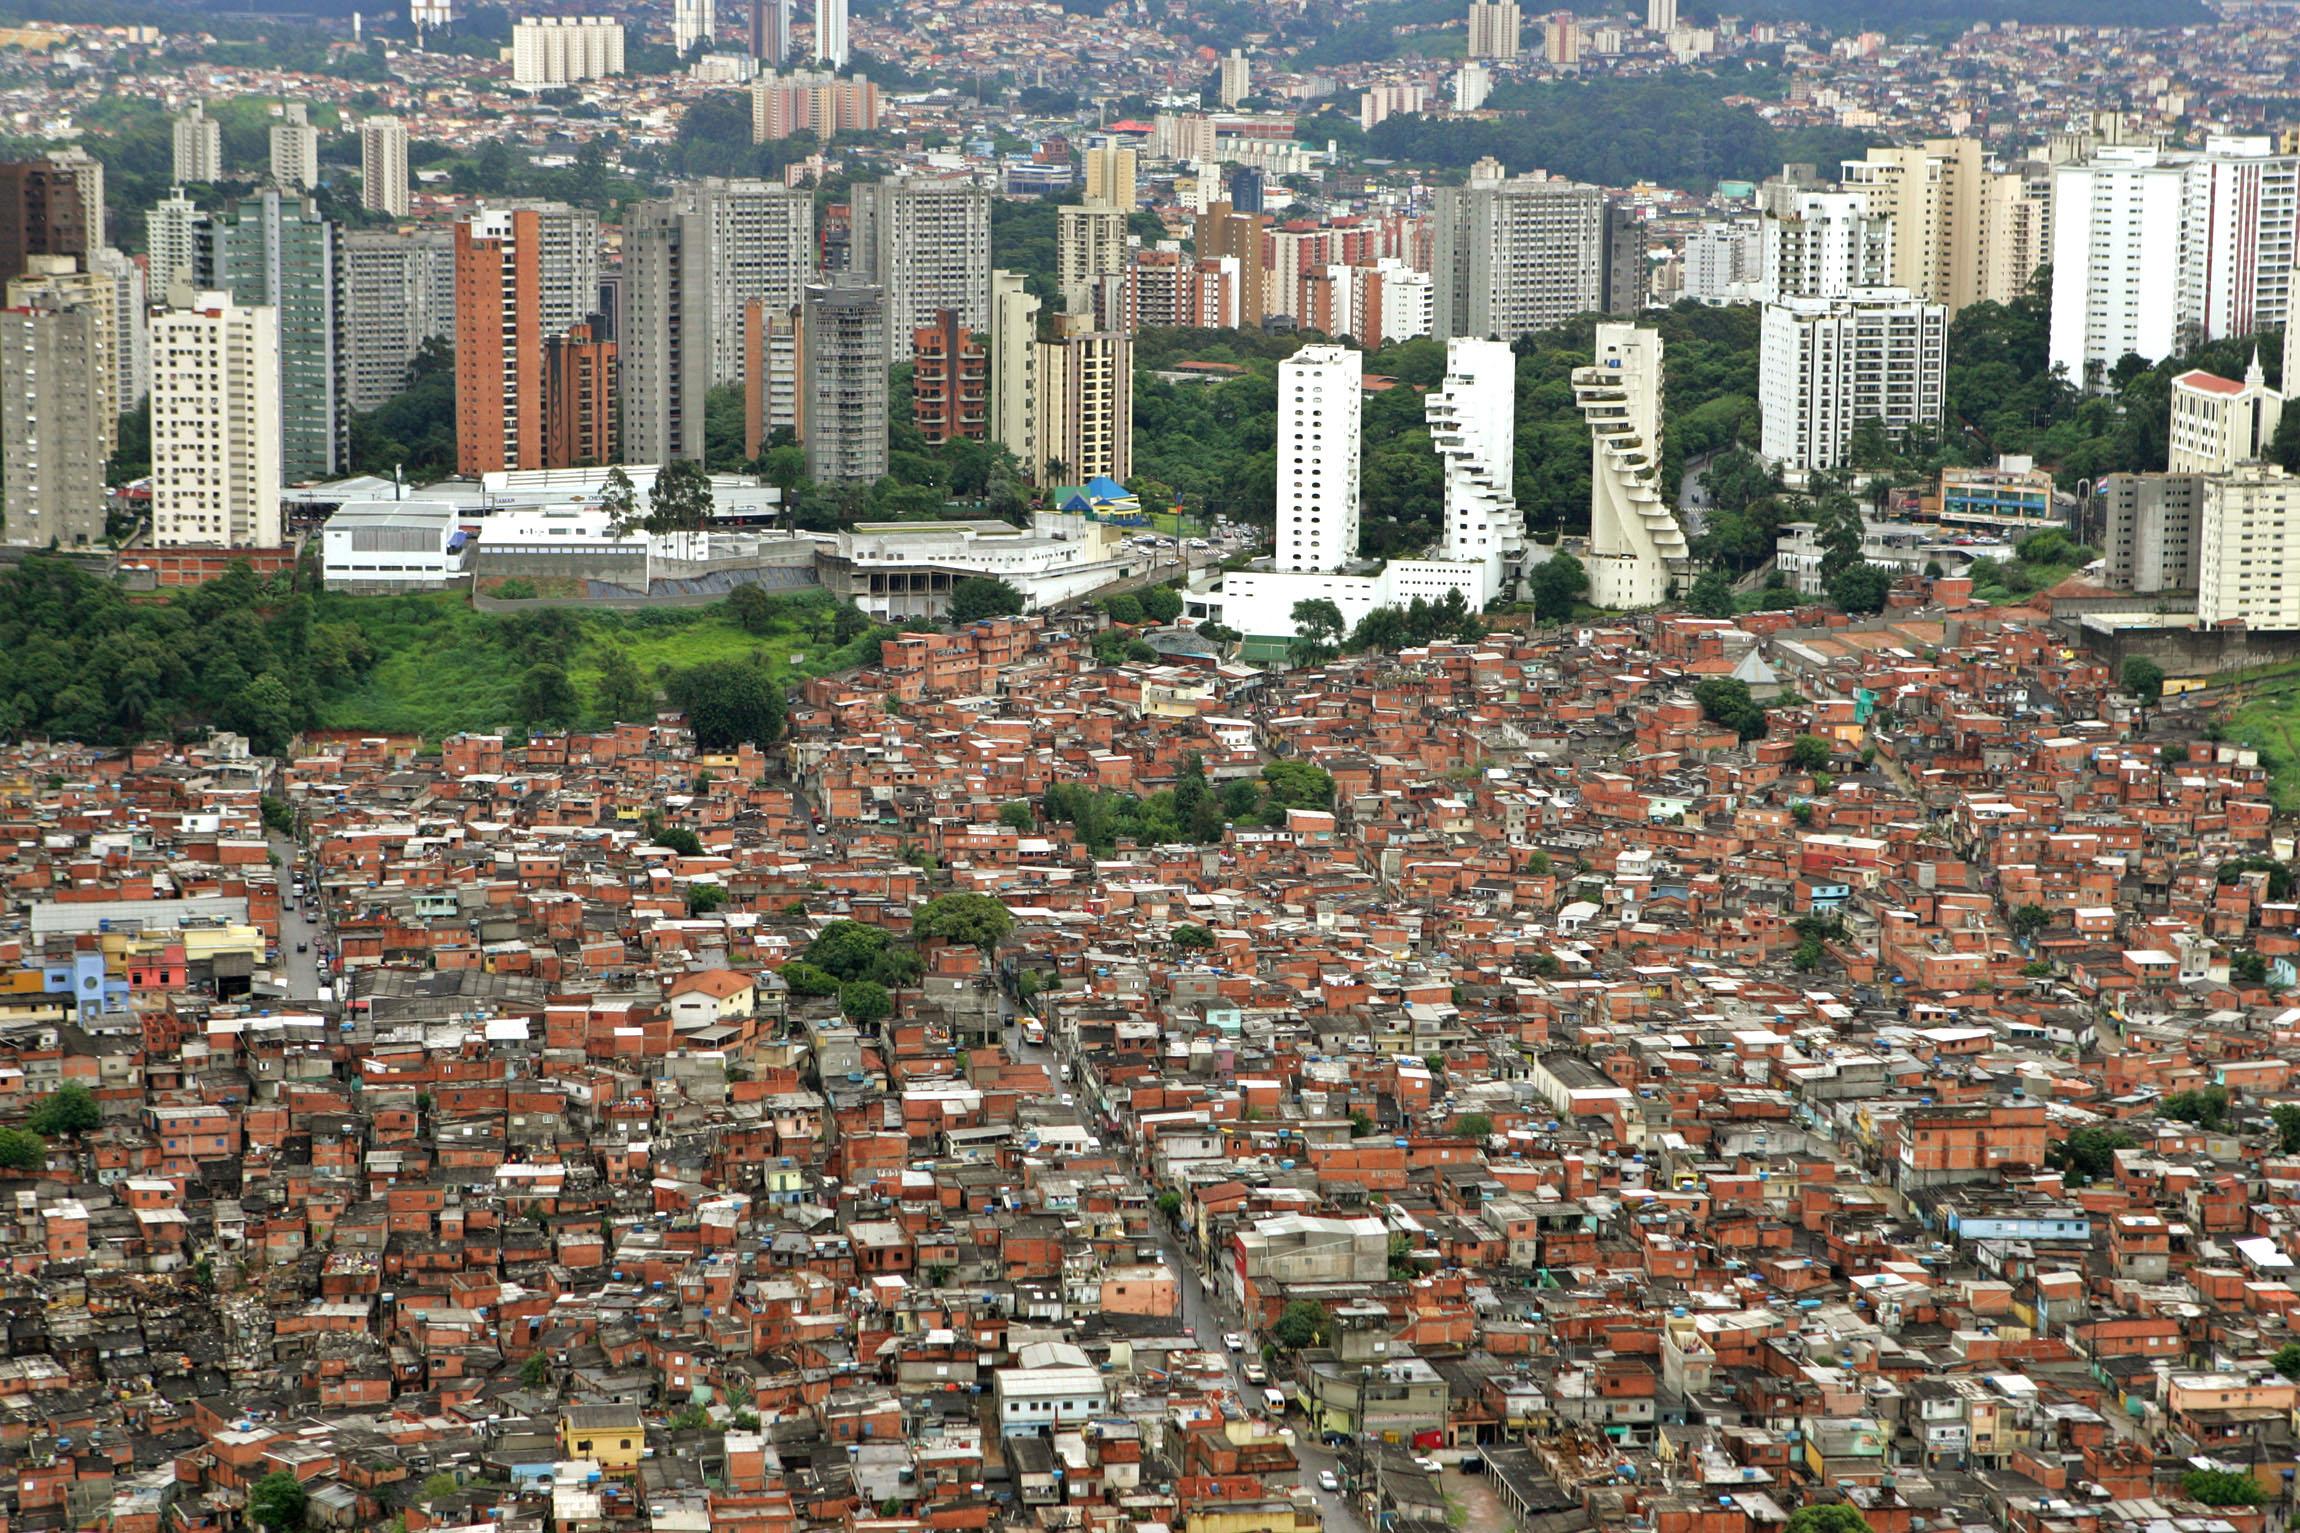 Responsáveis por mortes na Paraisópolis são organizadores do Baile, diz PM